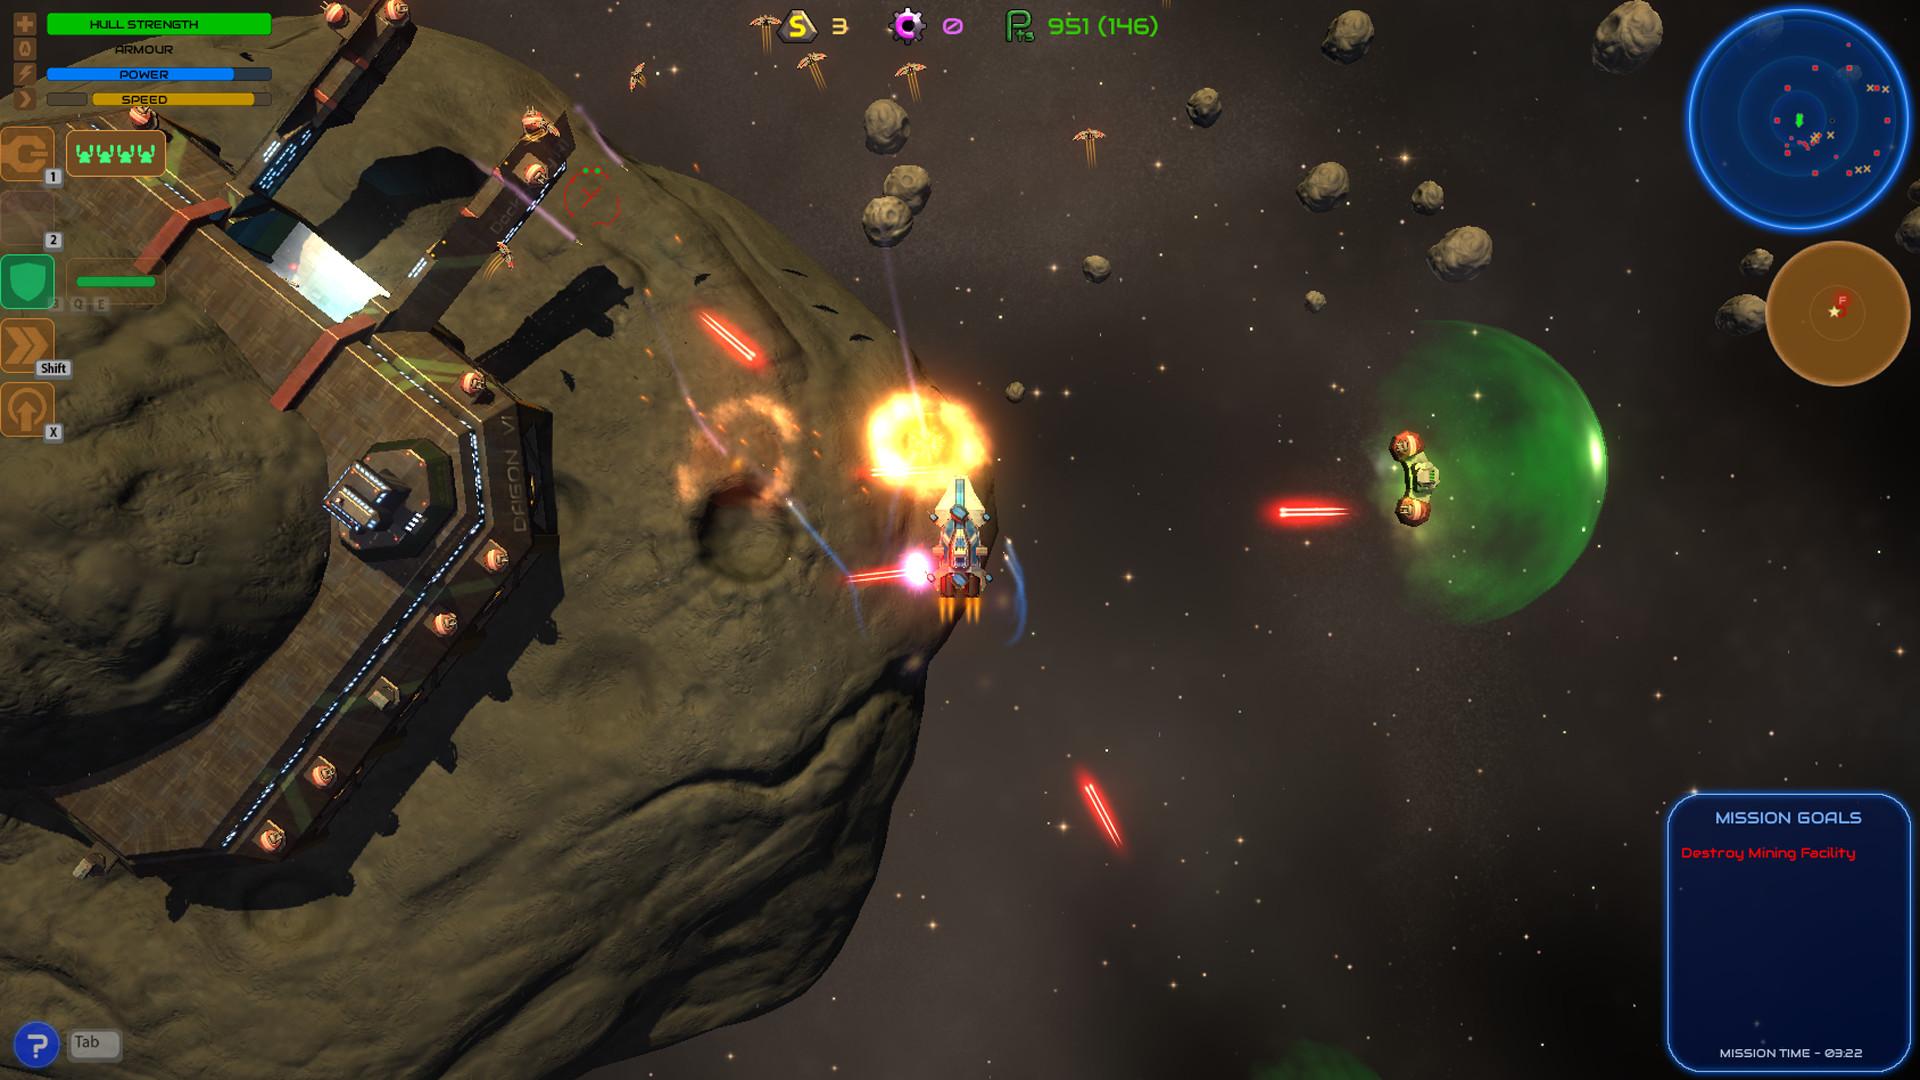 Space Battlecruiser On Steam